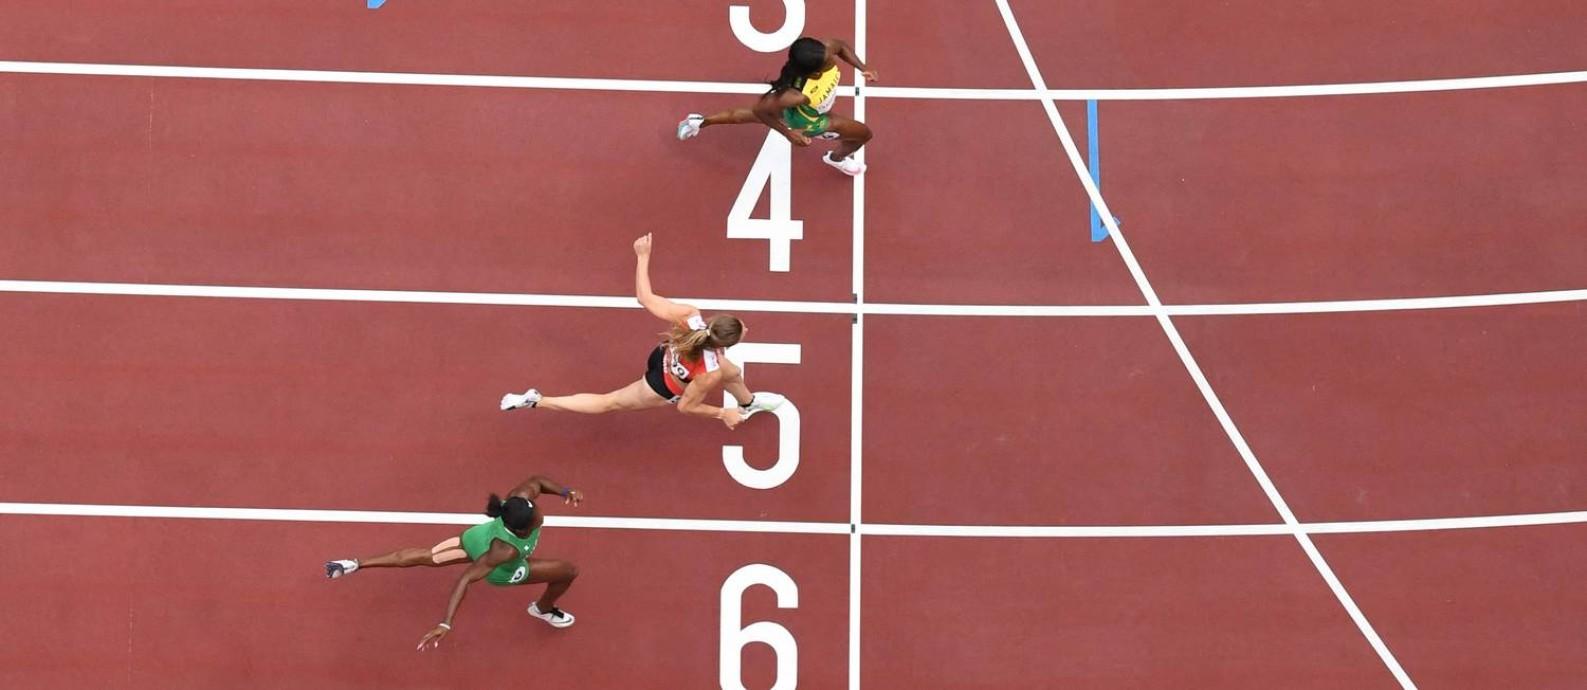 Shelly-Ann Fraser-Pryce, na raia 4, é uma das candidatas ao ouro olímpico em Tóquio Foto: JEWEL SAMAD / AFP